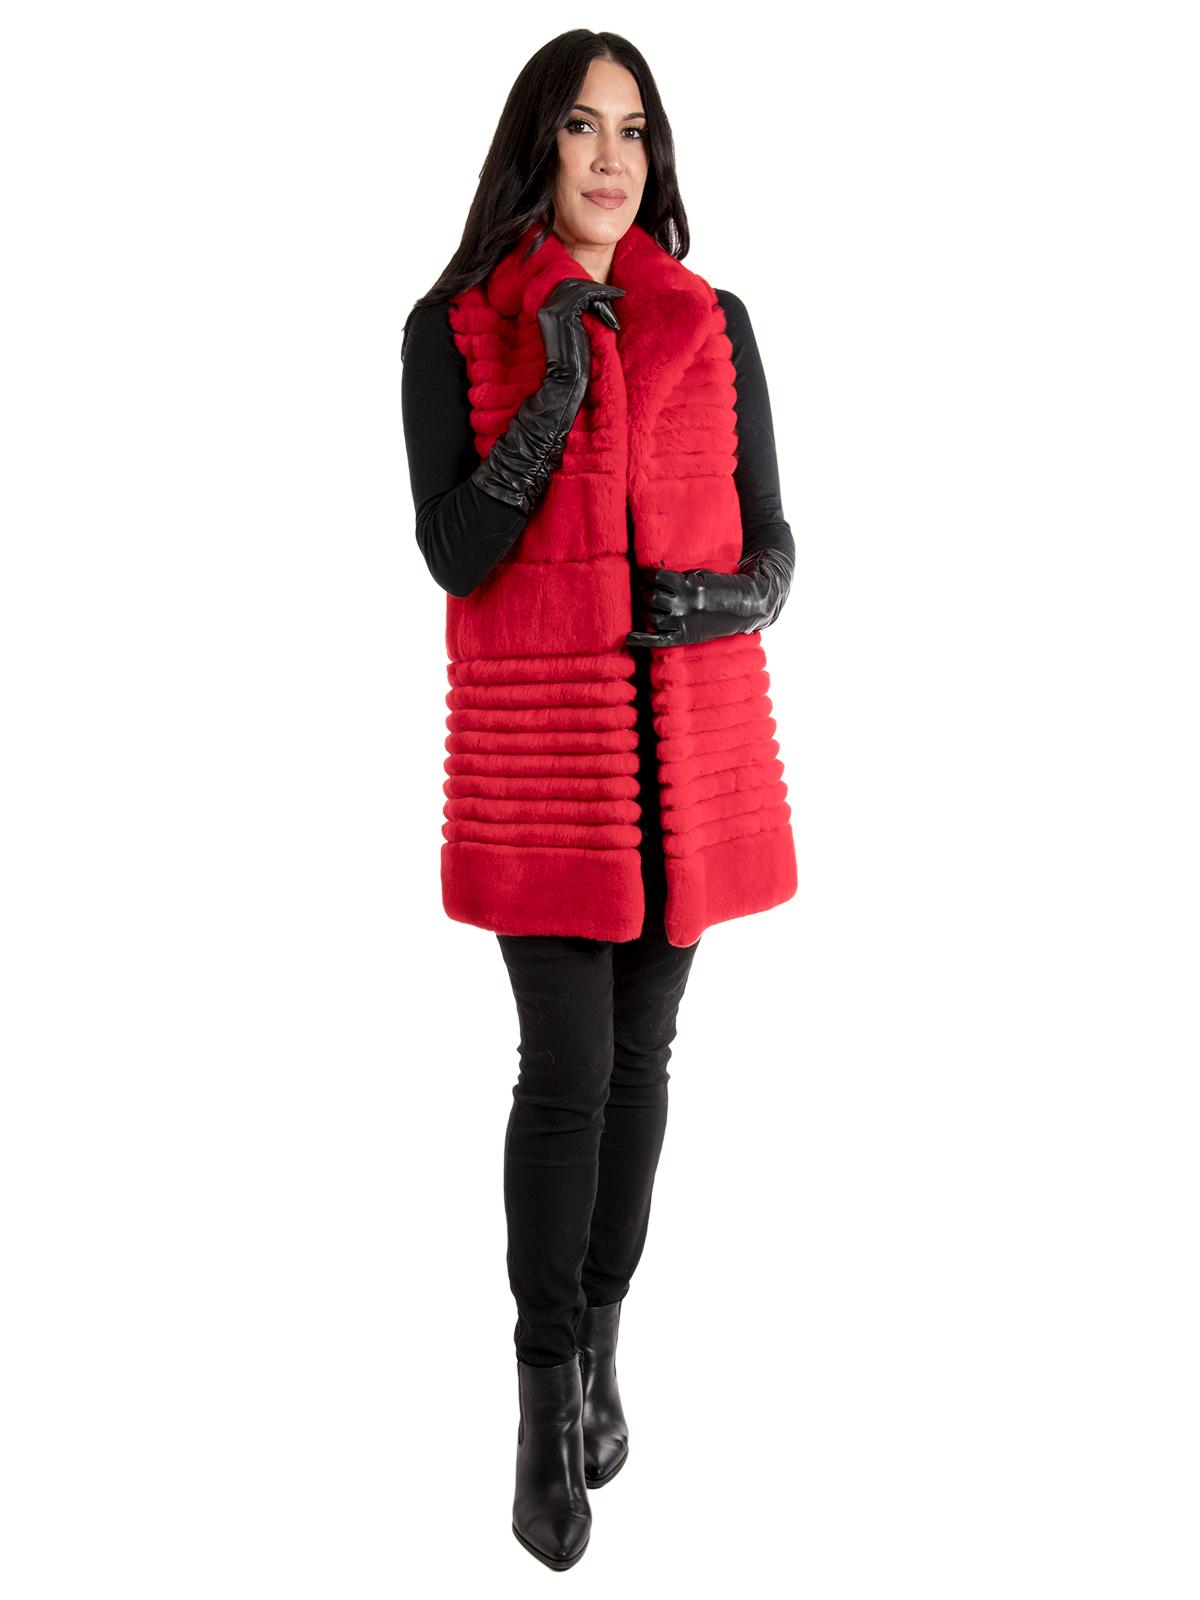 Women's Red Rex Rabbit Fur Vest